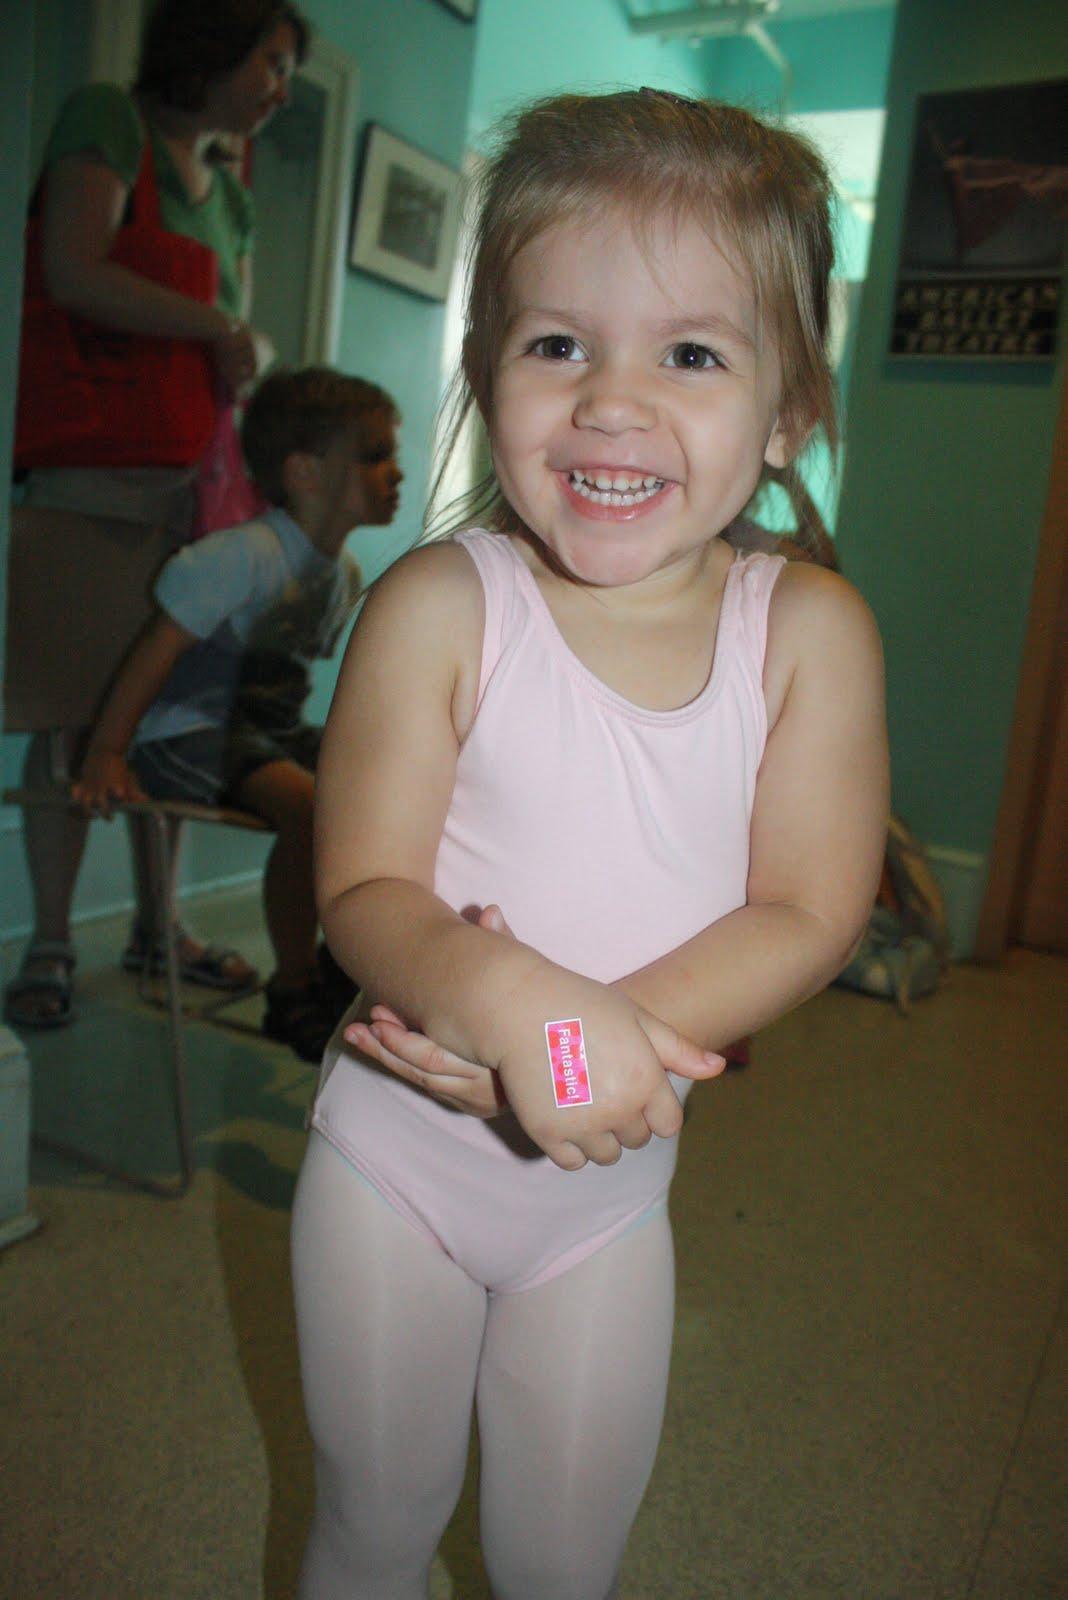 Swimwear Naked Girl Ballet Dance Images